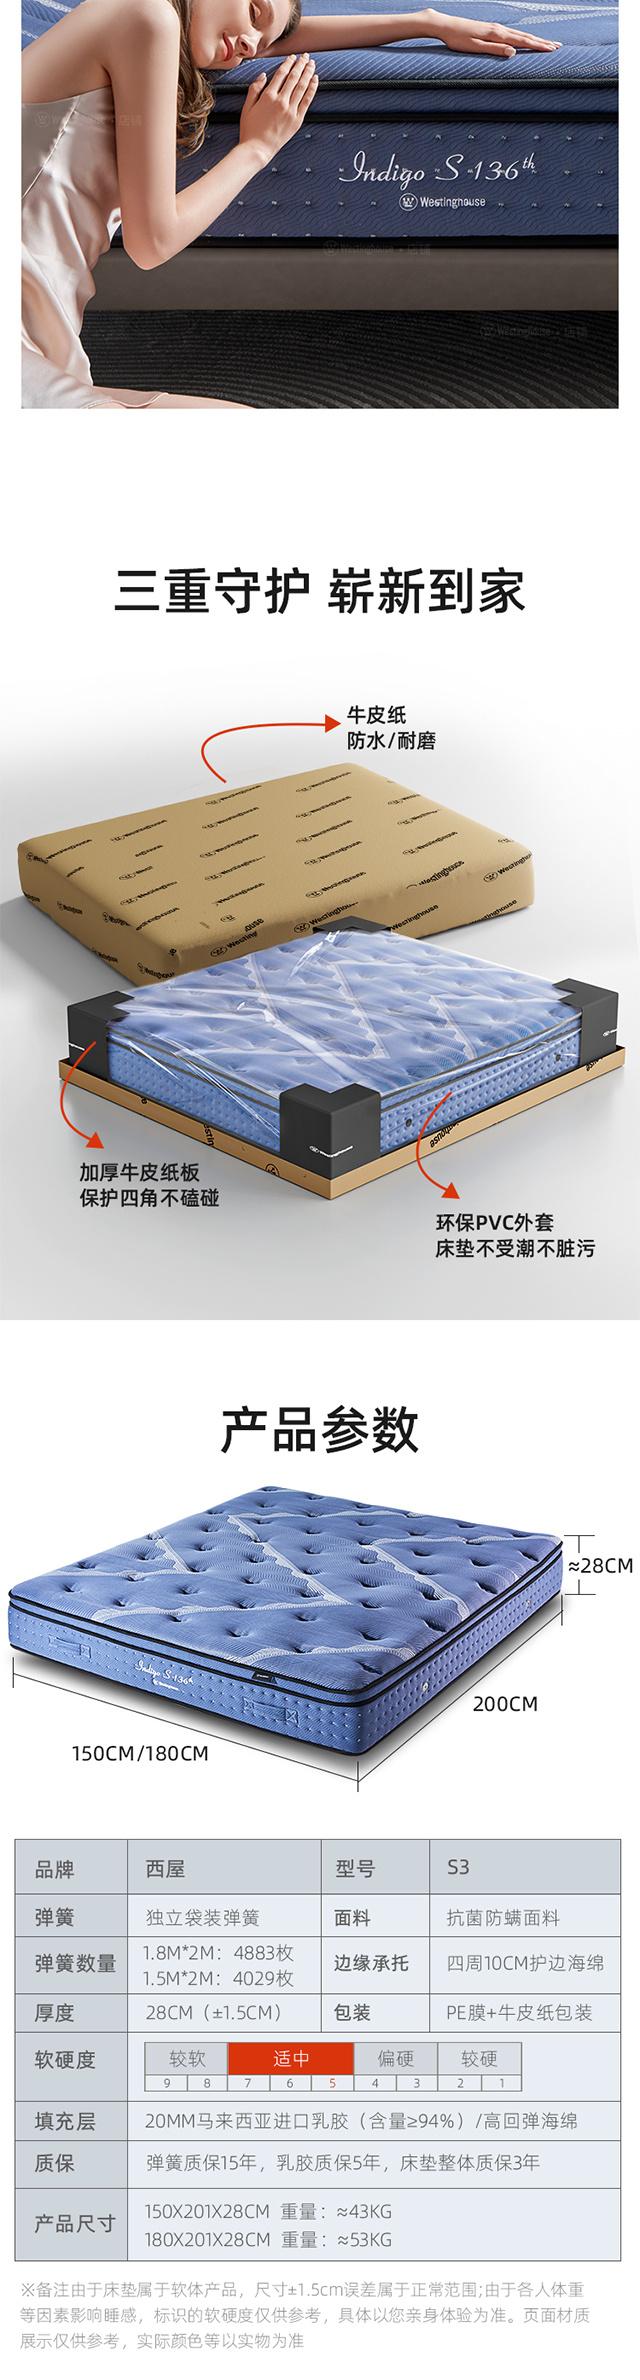 美国西屋床垫S3